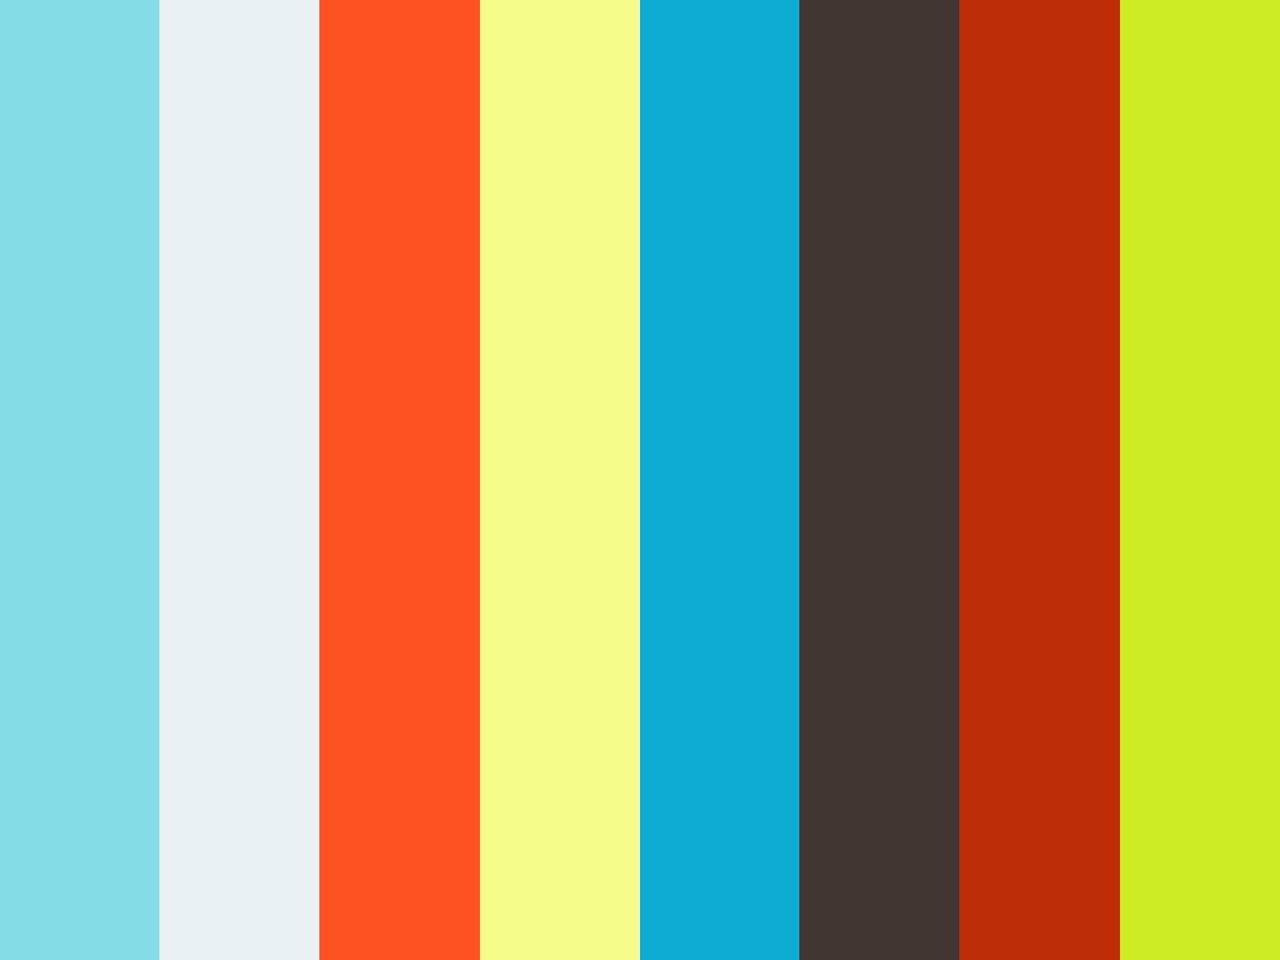 Lonczinski - Pacha Radio Show #19 (Rádio Atlântida) [07.03.2015]